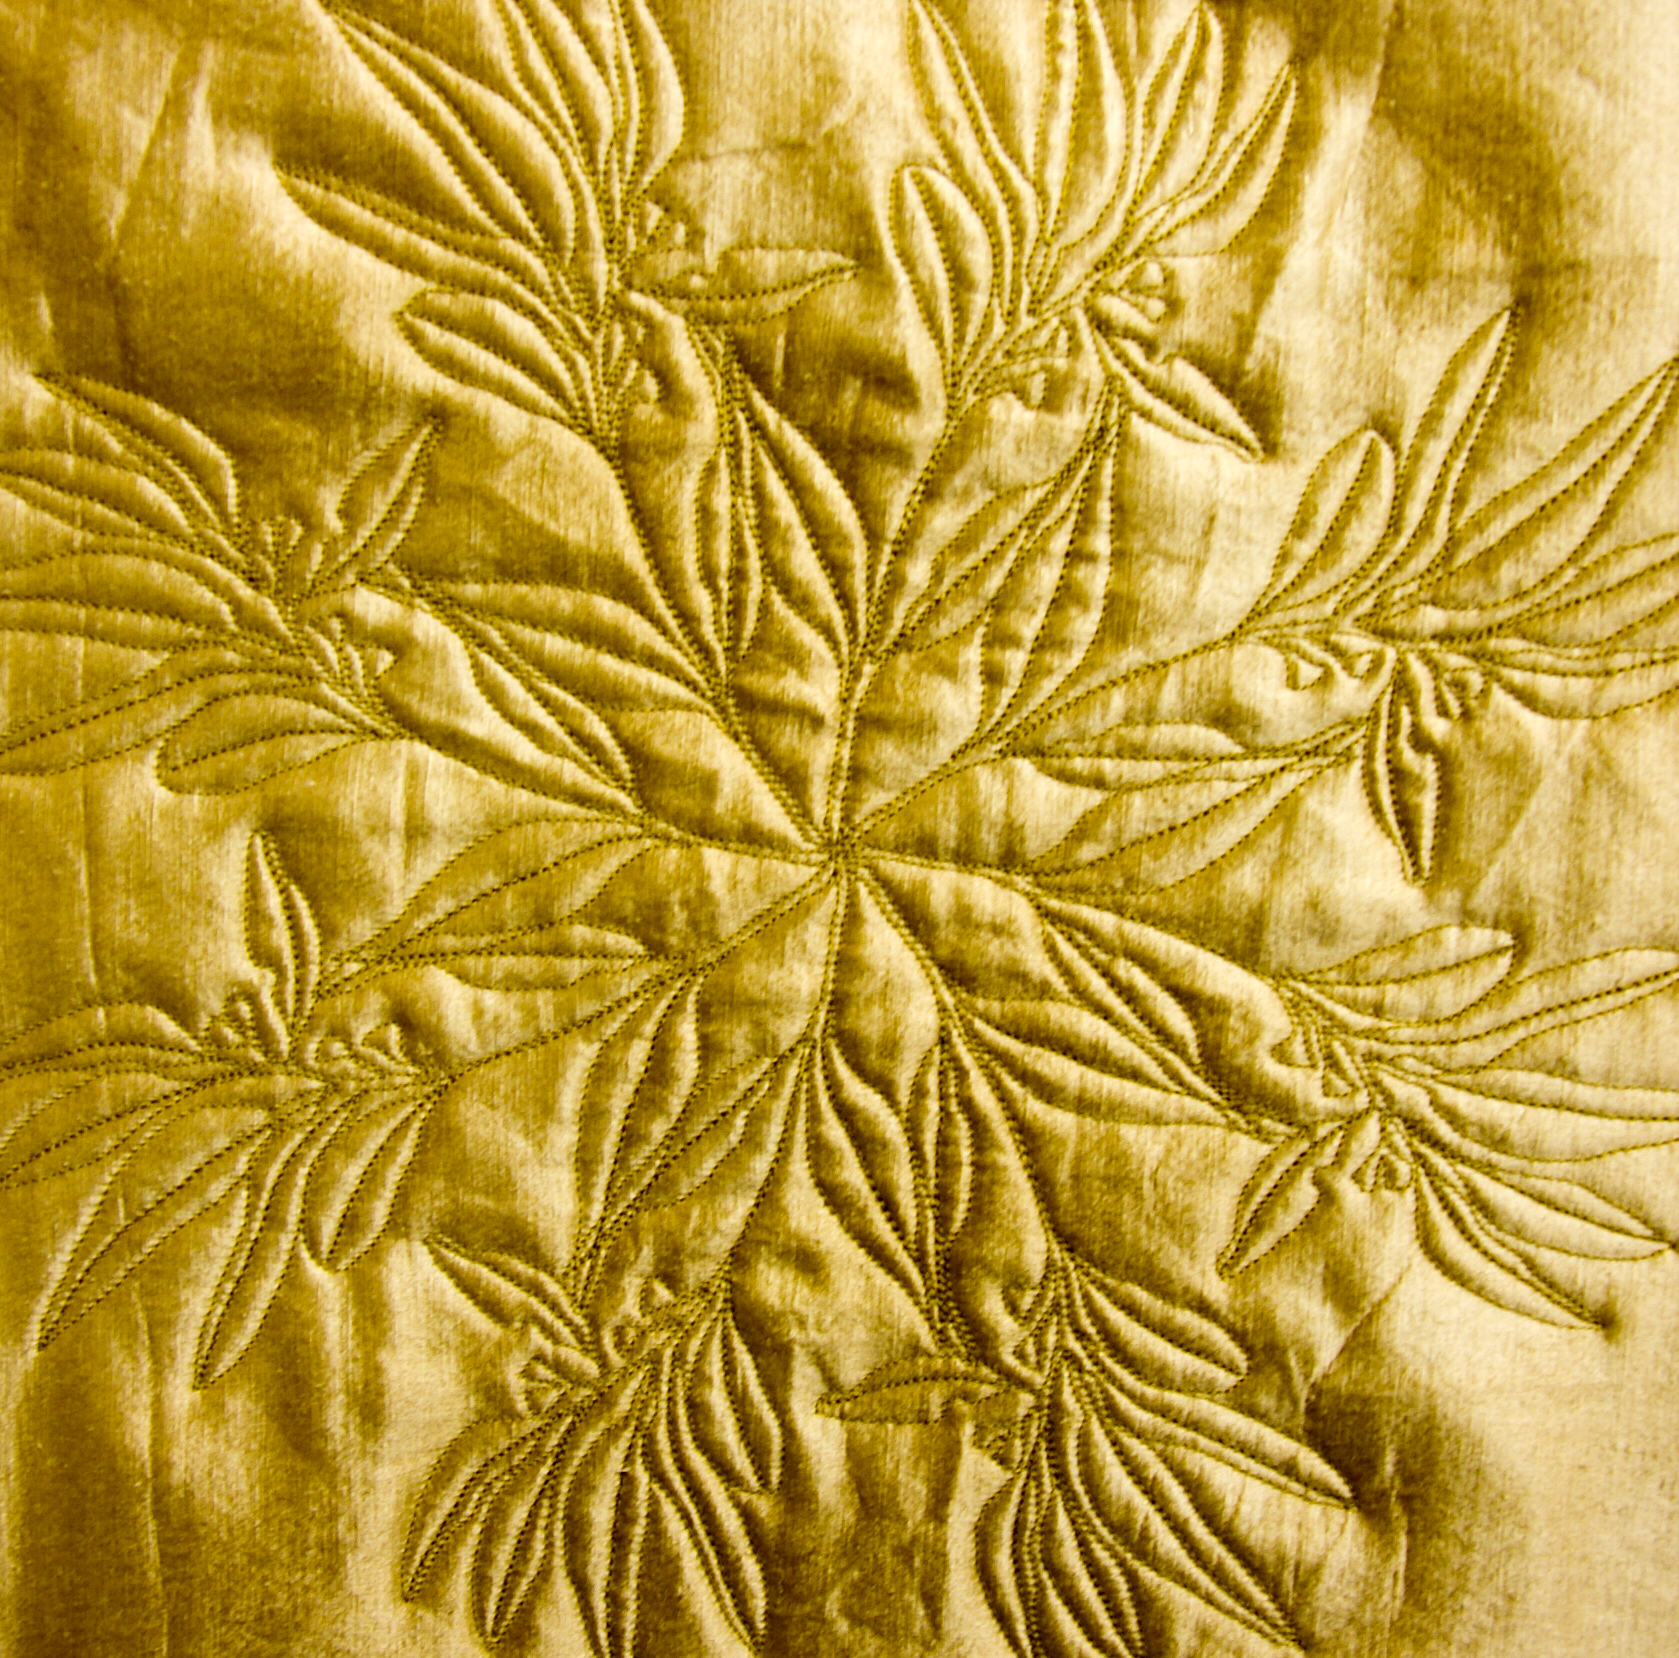 M.Munro-Silken-Karri-Dyed-Stitched-silk.jpg